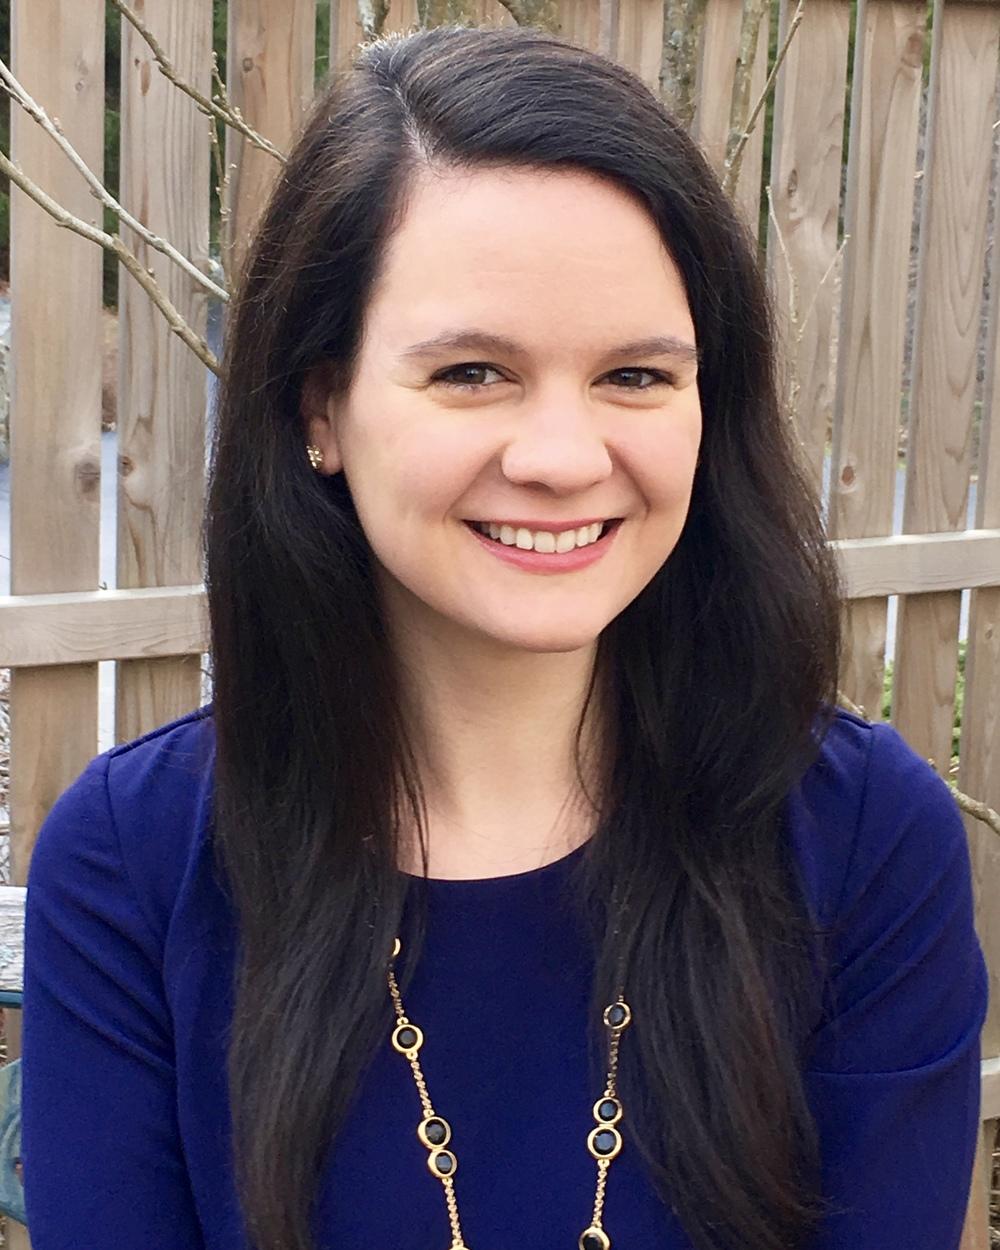 Rachel Lopkin Project associate